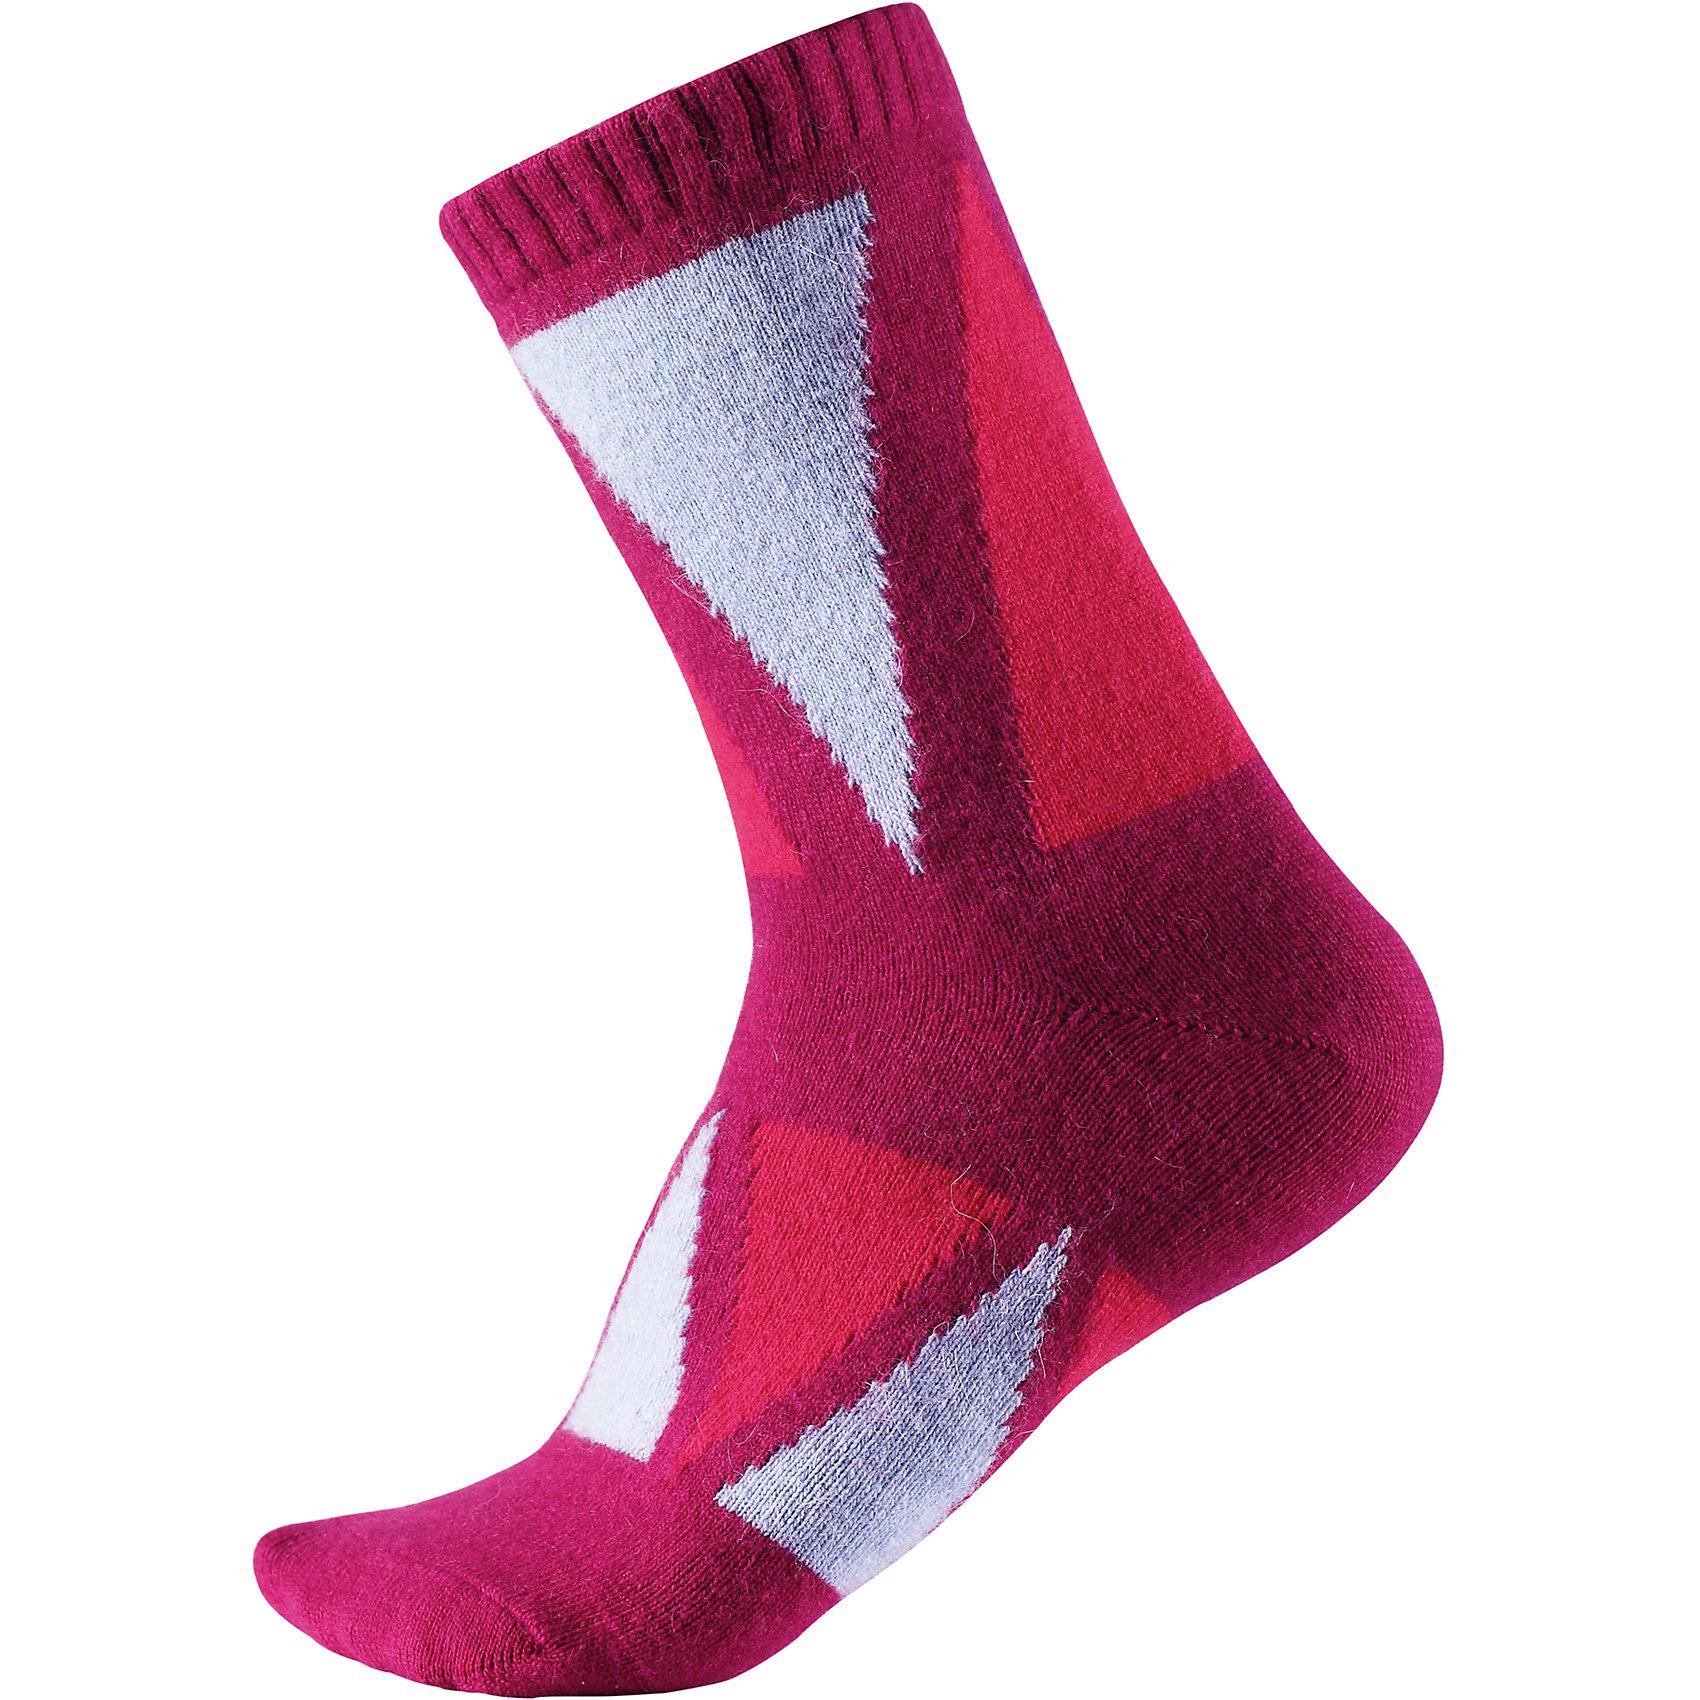 Носки Reima SavoНоски<br>Характеристики товара:<br><br>• цвет: розовый;<br>• состав: 36% вискоза, 34% полиамид, 20% шерсть, 7% полиэстер, 3% эластан;<br>• сезон: зима;<br>• легкая ткань без вставок;<br>• быстро сохнут и сохраняют тепло;<br>• благодаря теплой и мягкой ткани из смеси ангорской шерсти ноги детей всегда в тепле;<br>• страна бренда: Финляндия;<br>• страна изготовитель: Китай.<br><br>Классные и яркие длинные детские носки из шерстяного трикотажа – отличный выбор для любителей активных прогулок! Носки изготовлены из теплой и мягкой ангорской полушерсти и превосходно регулируют температуру, особенно в морозные зимние дни! Эластичный шерстяной трикотаж отлично пропускает воздух и быстро сохнет, поэтому ребенку будет максимально комфортно во время веселых прогулок. Облегченная модель без усилений на подошве.<br><br>Носки Savo Reima от финского бренда Reima (Рейма) можно купить в нашем интернет-магазине.<br><br>Ширина мм: 87<br>Глубина мм: 10<br>Высота мм: 105<br>Вес г: 115<br>Цвет: розовый<br>Возраст от месяцев: 168<br>Возраст до месяцев: 1188<br>Пол: Унисекс<br>Возраст: Детский<br>Размер: 34-37,22-25,26-29,30-33<br>SKU: 6902068